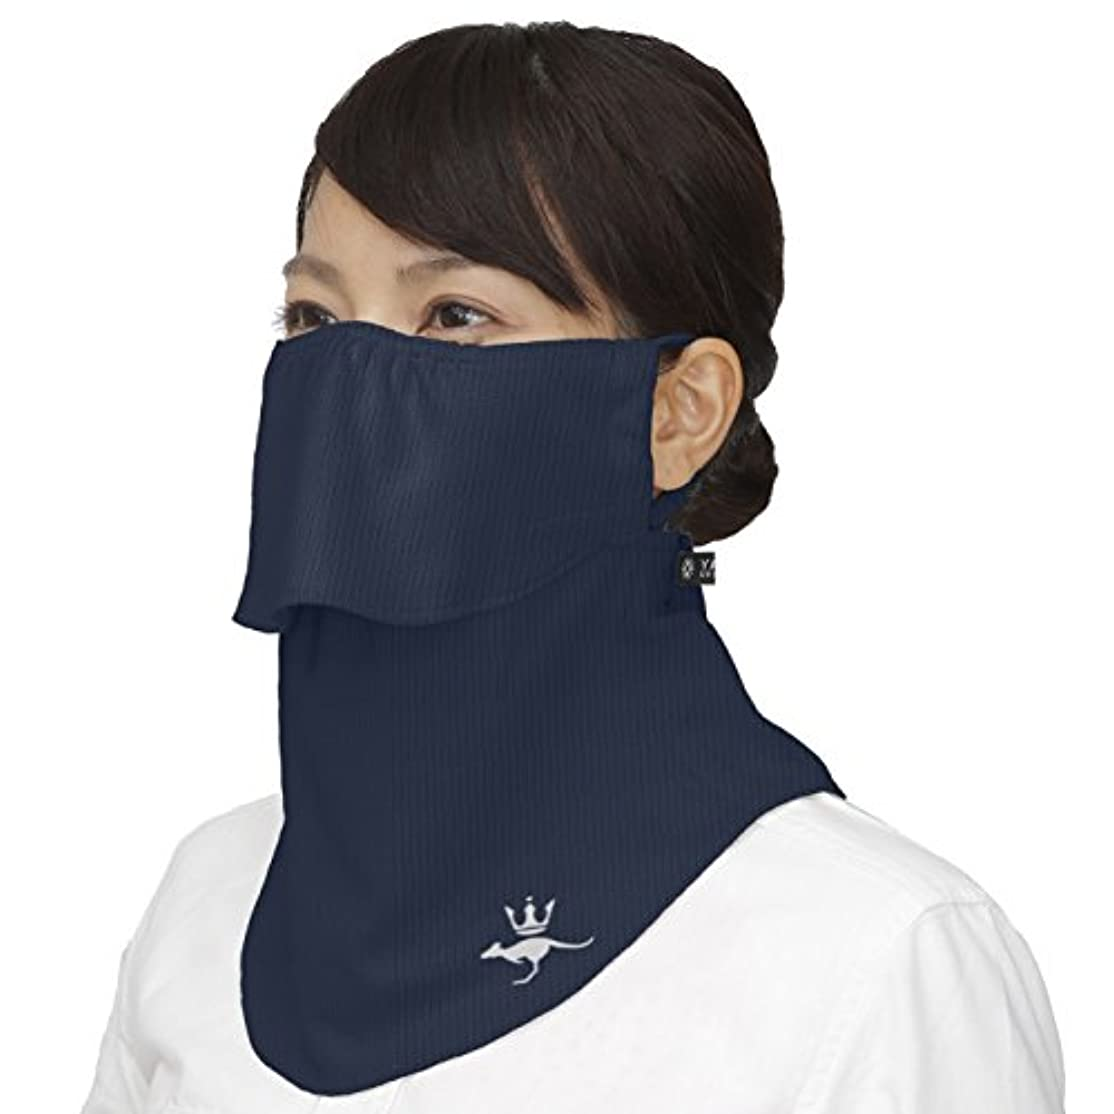 不従順候補者拒絶する(シンプソン)Simpson 息苦しくない 紫外線防止 レディース 日焼け防止 UVカット フェイスマスク フェイスカバー STA-M02